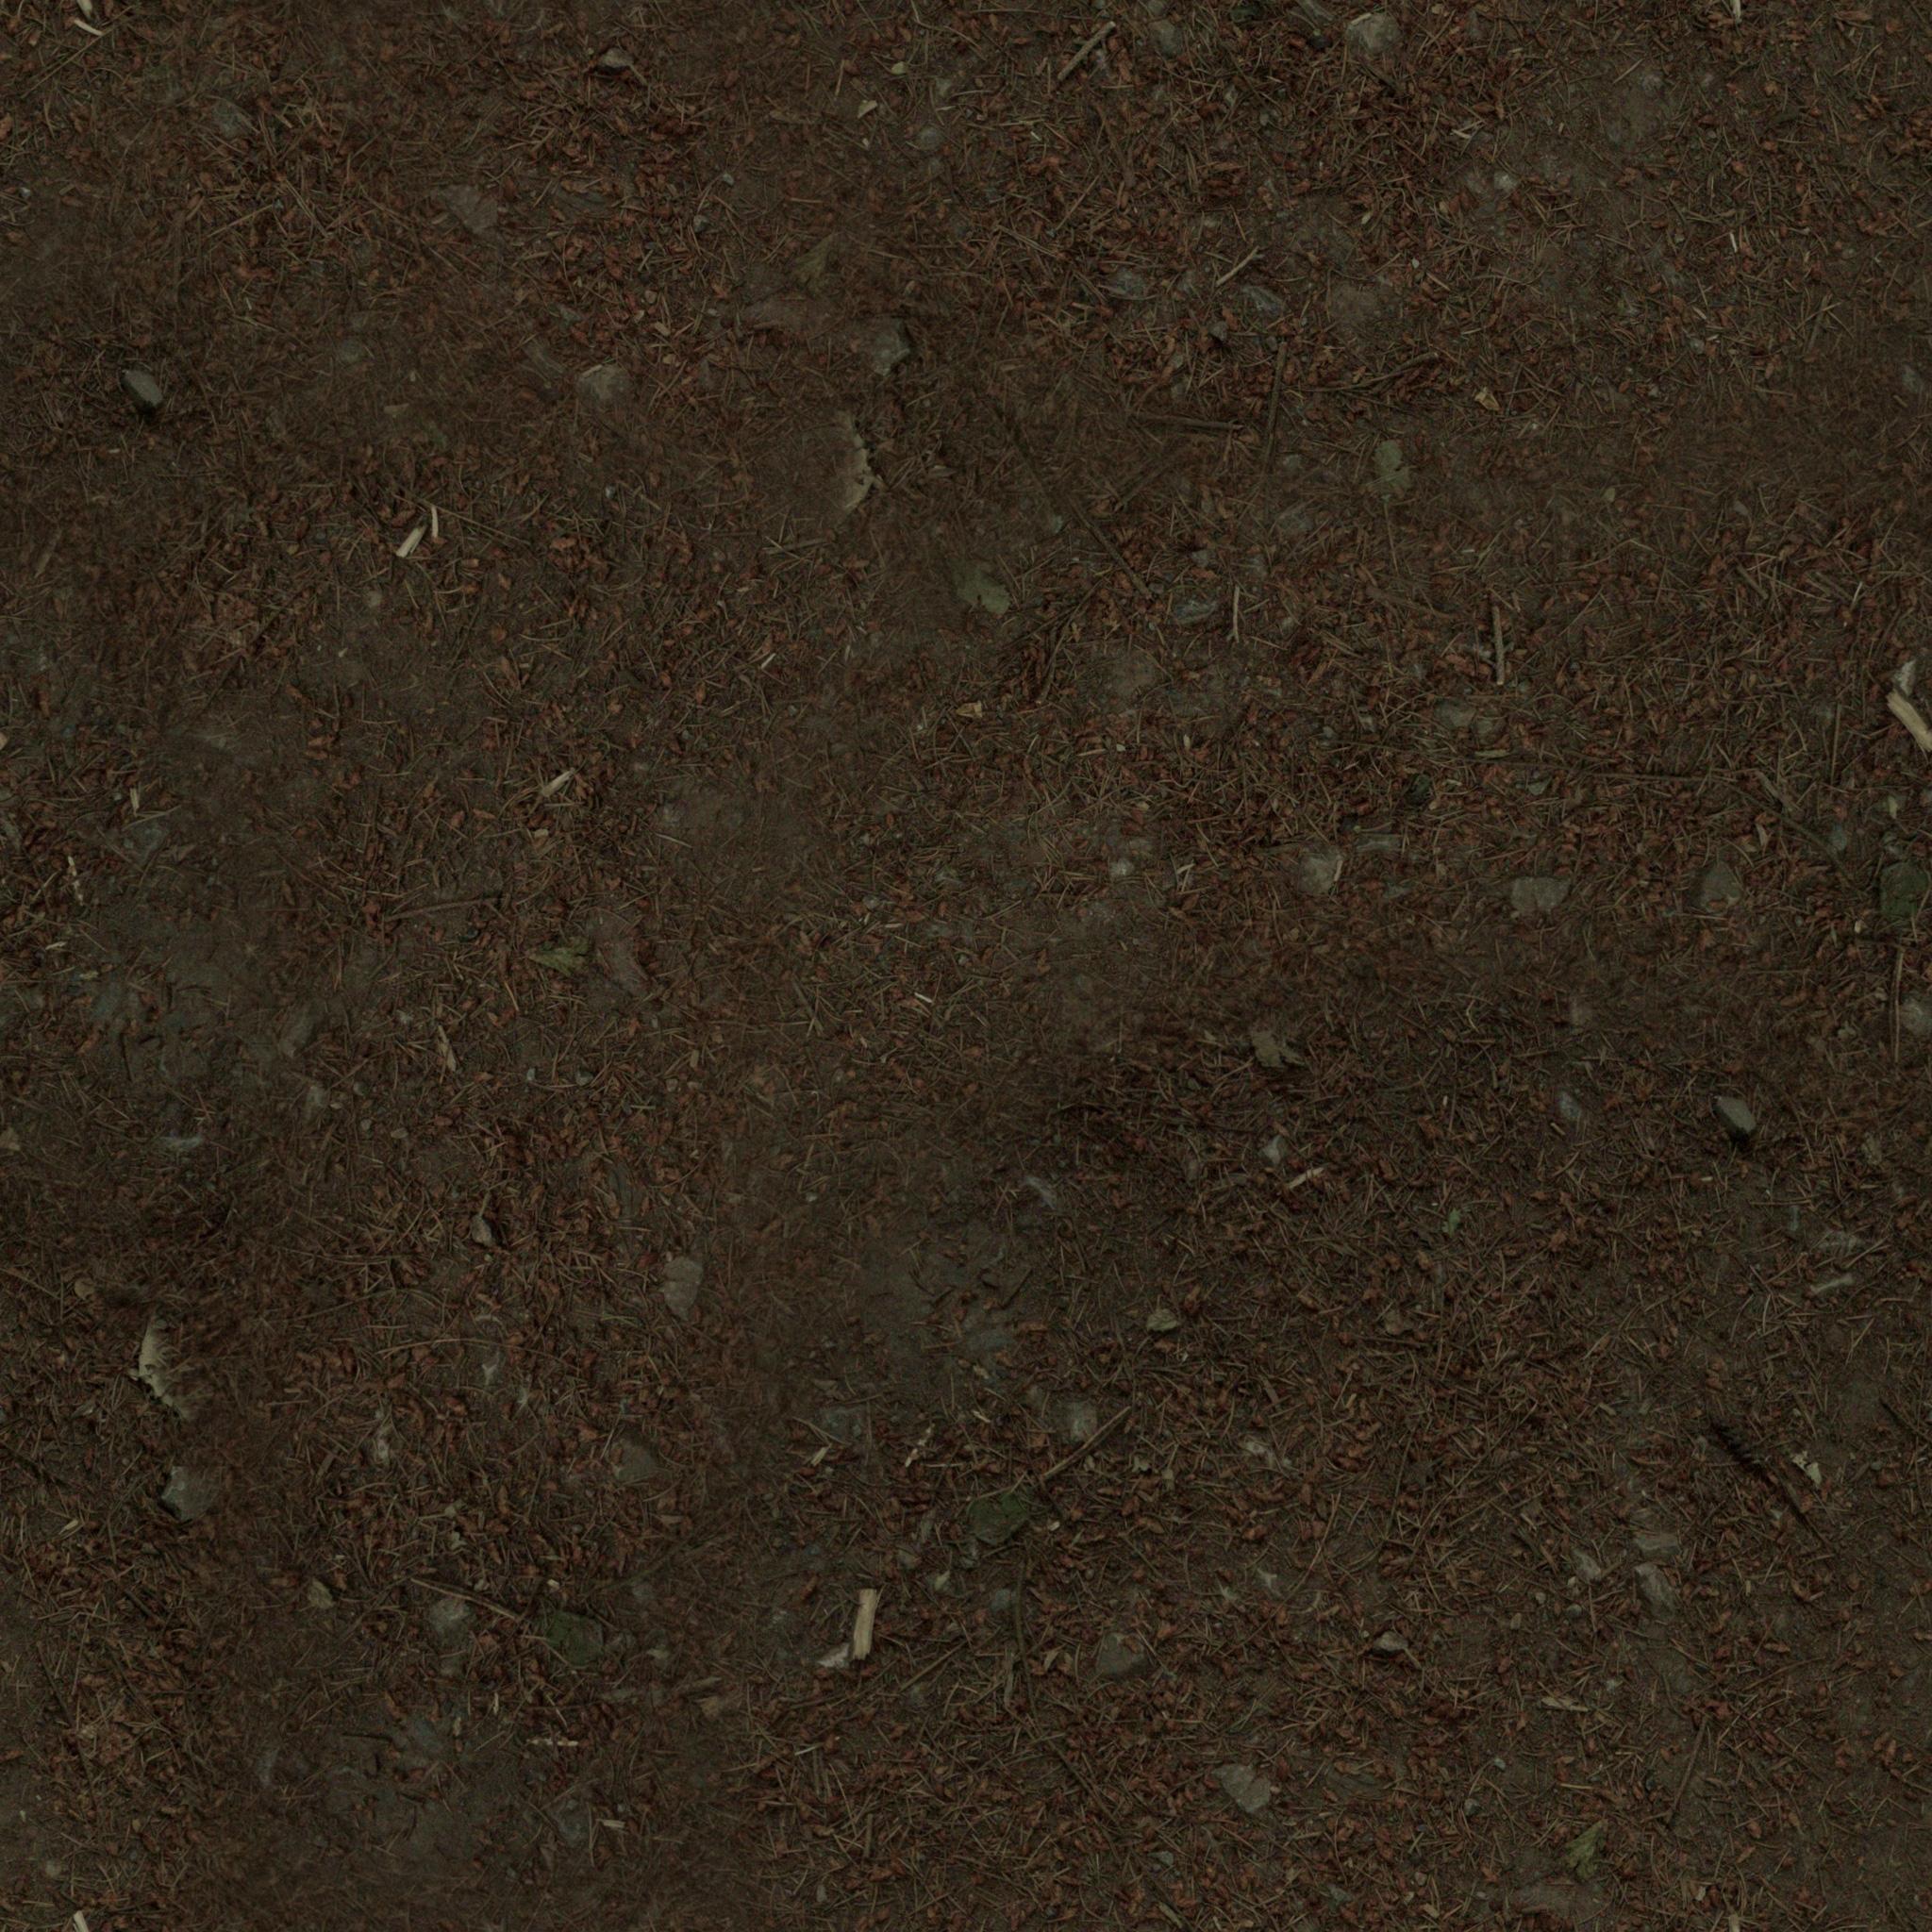 3D Material: Dirt Material 1 HD Render 1